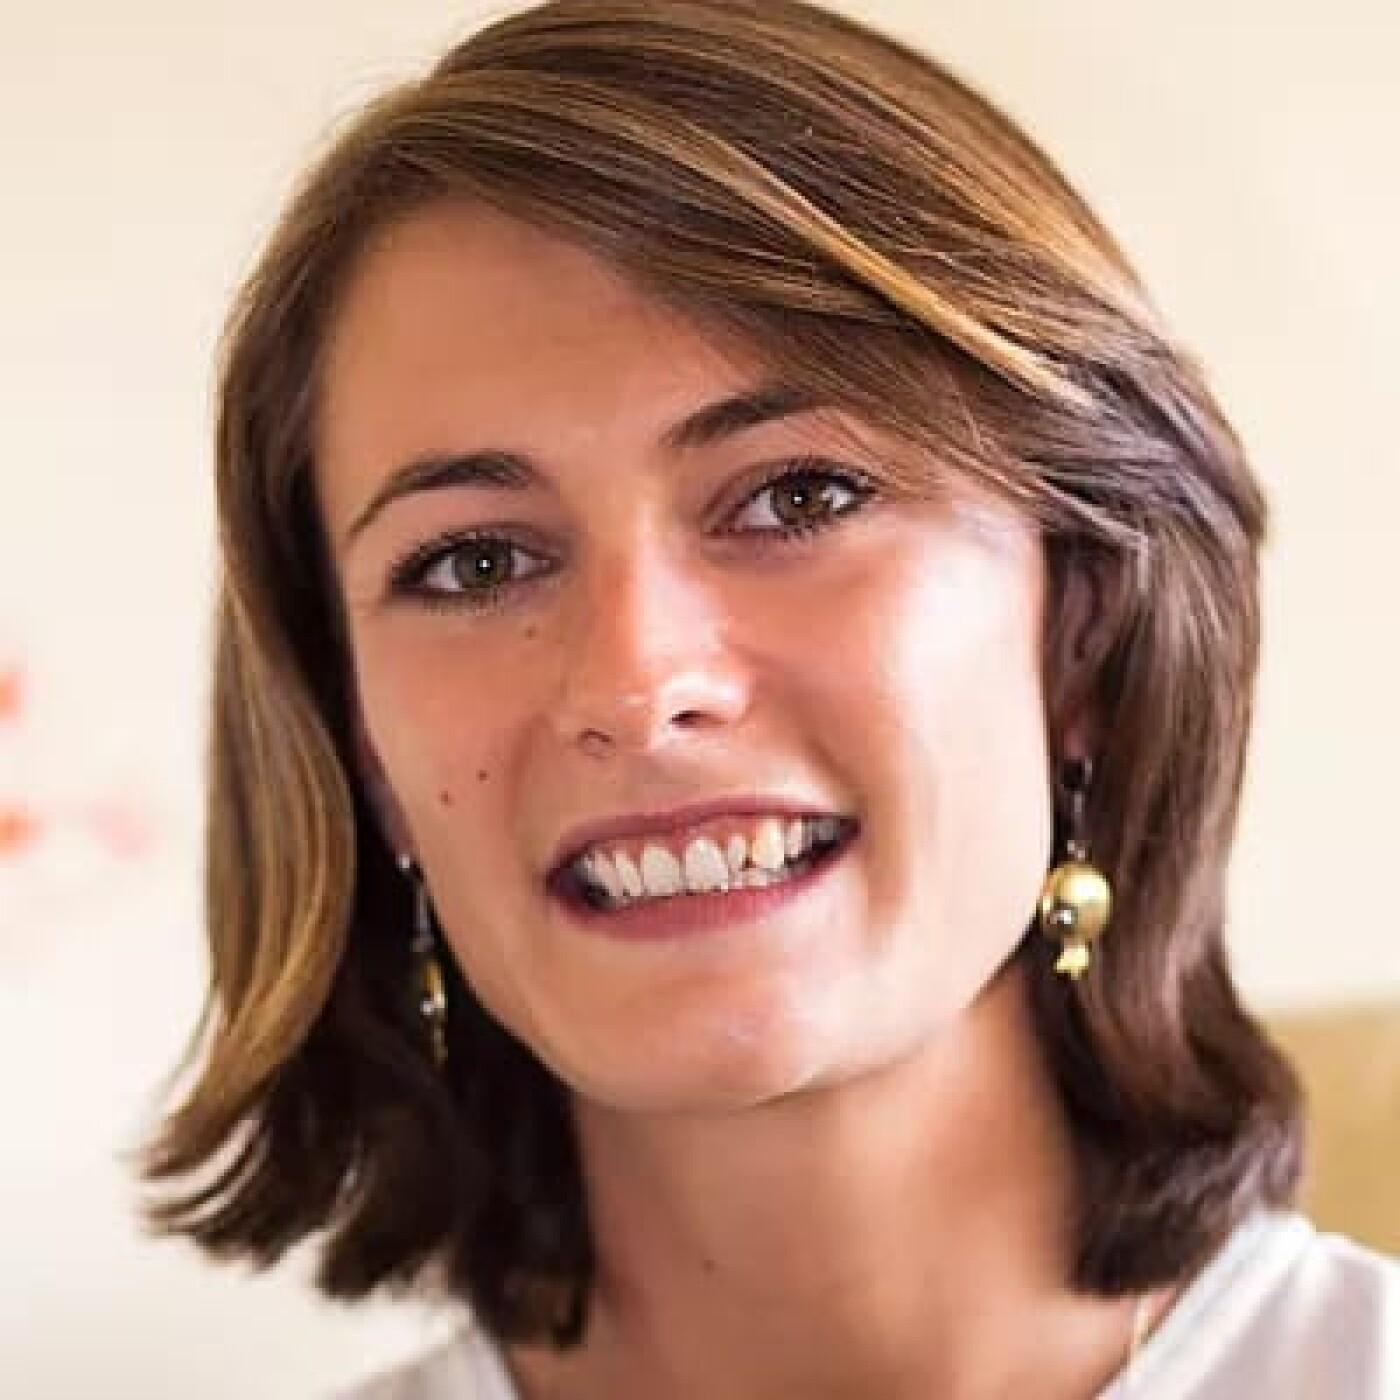 Sophie, Expat-Village, est orthophoniste pour les familles expat - 14 04 21 - StereoChic Radio